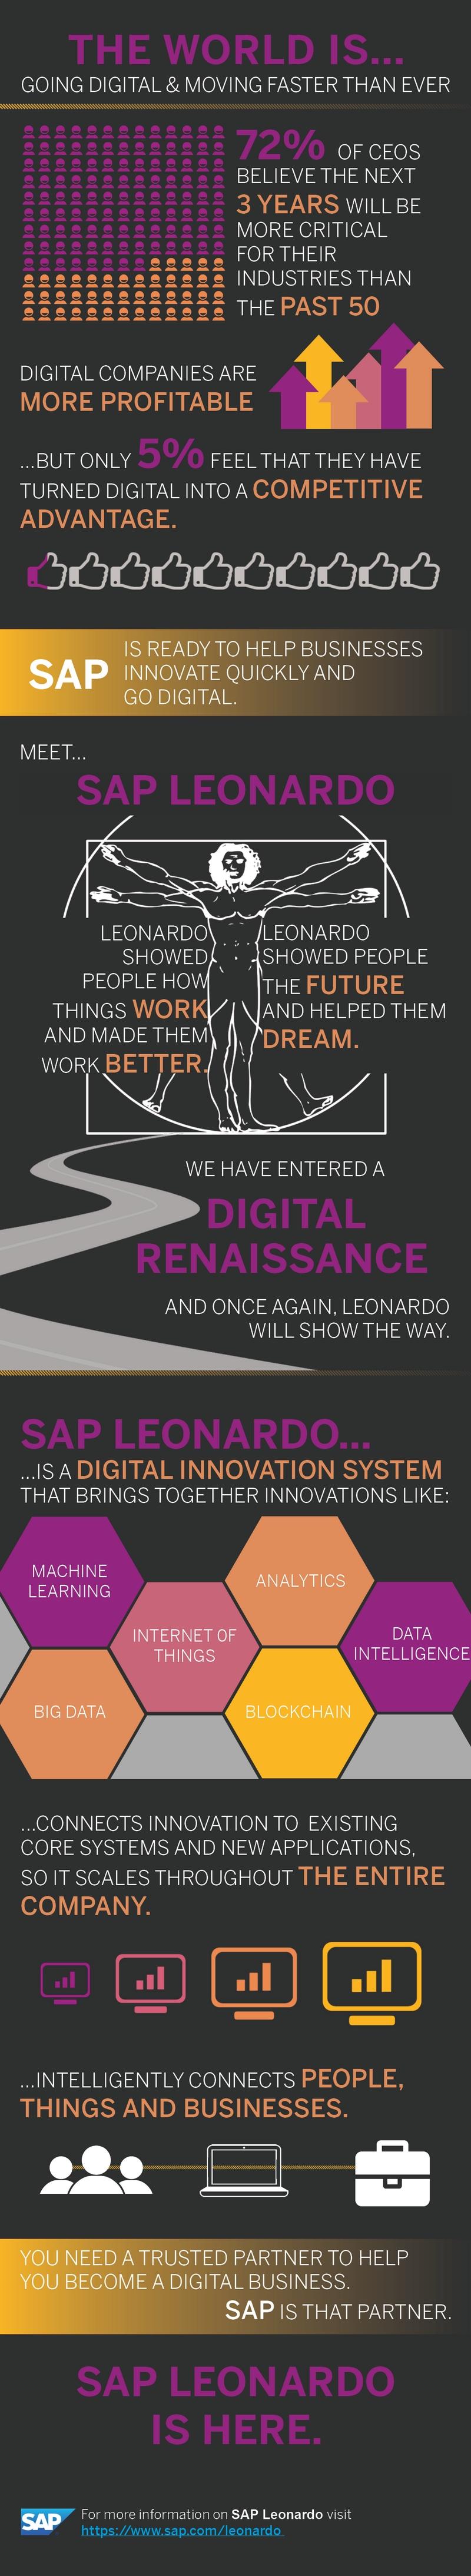 SAP Live Business, partenariat SAP-Google et SAP Leonardo